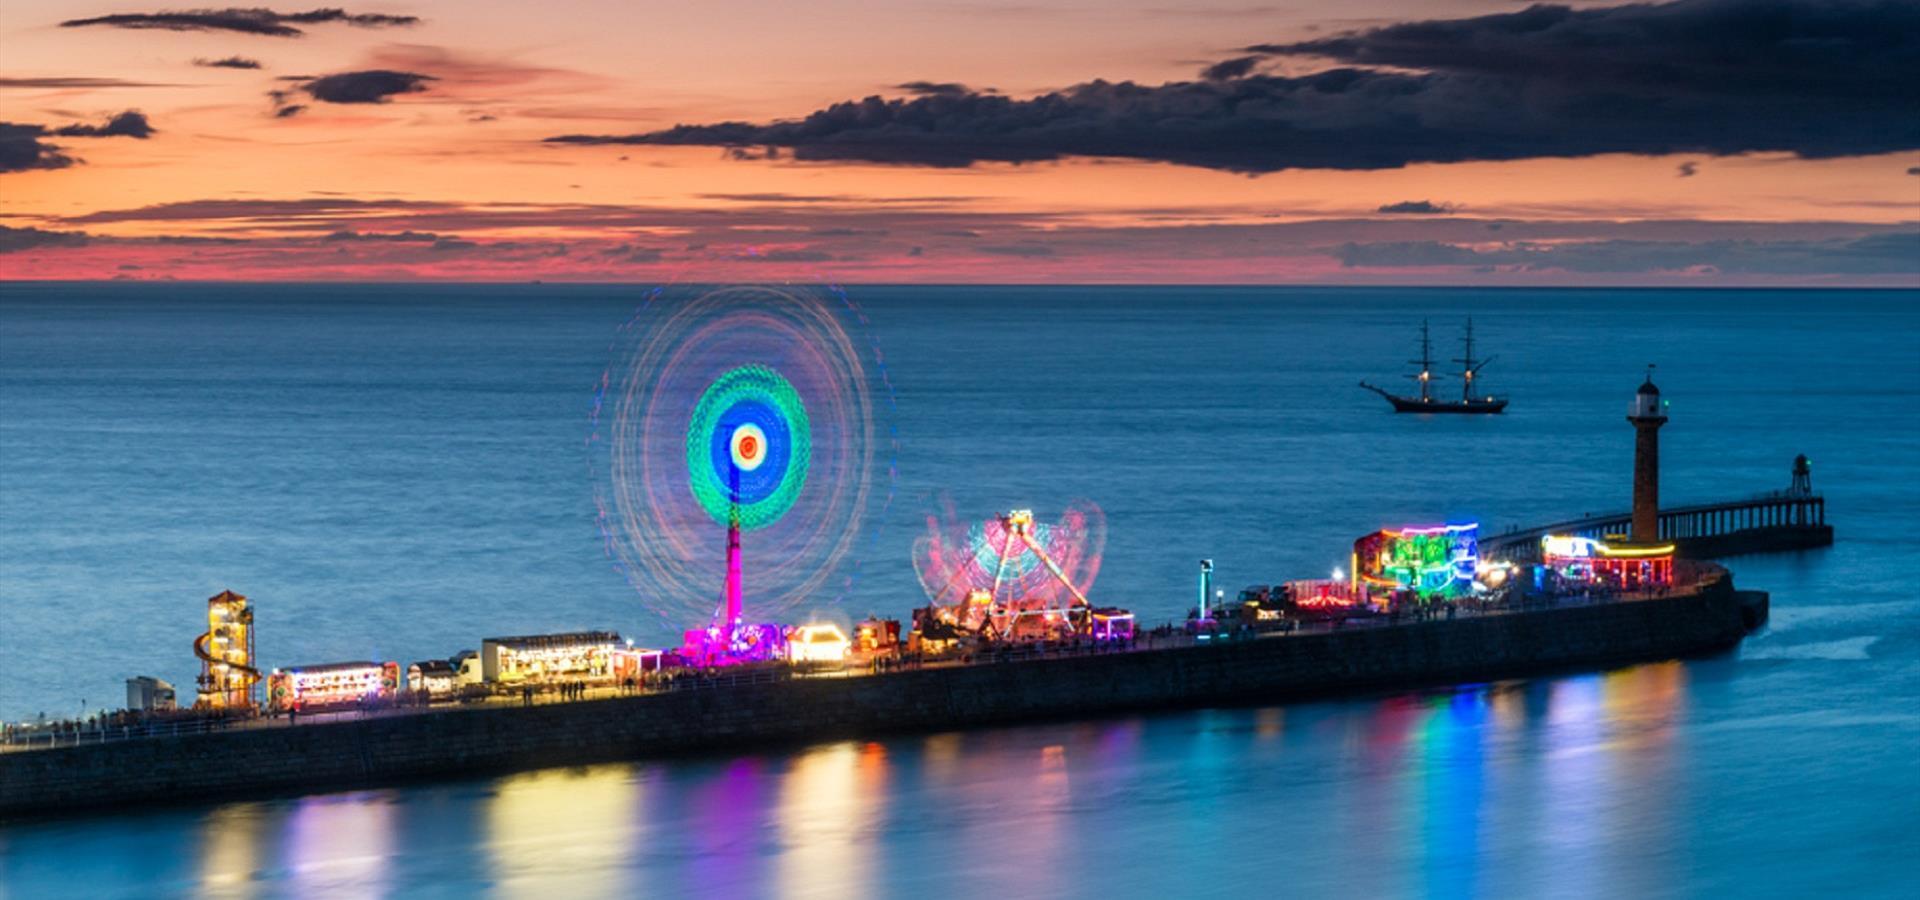 An image of the Fun Fair on Whitby Pier by Richard Burdon